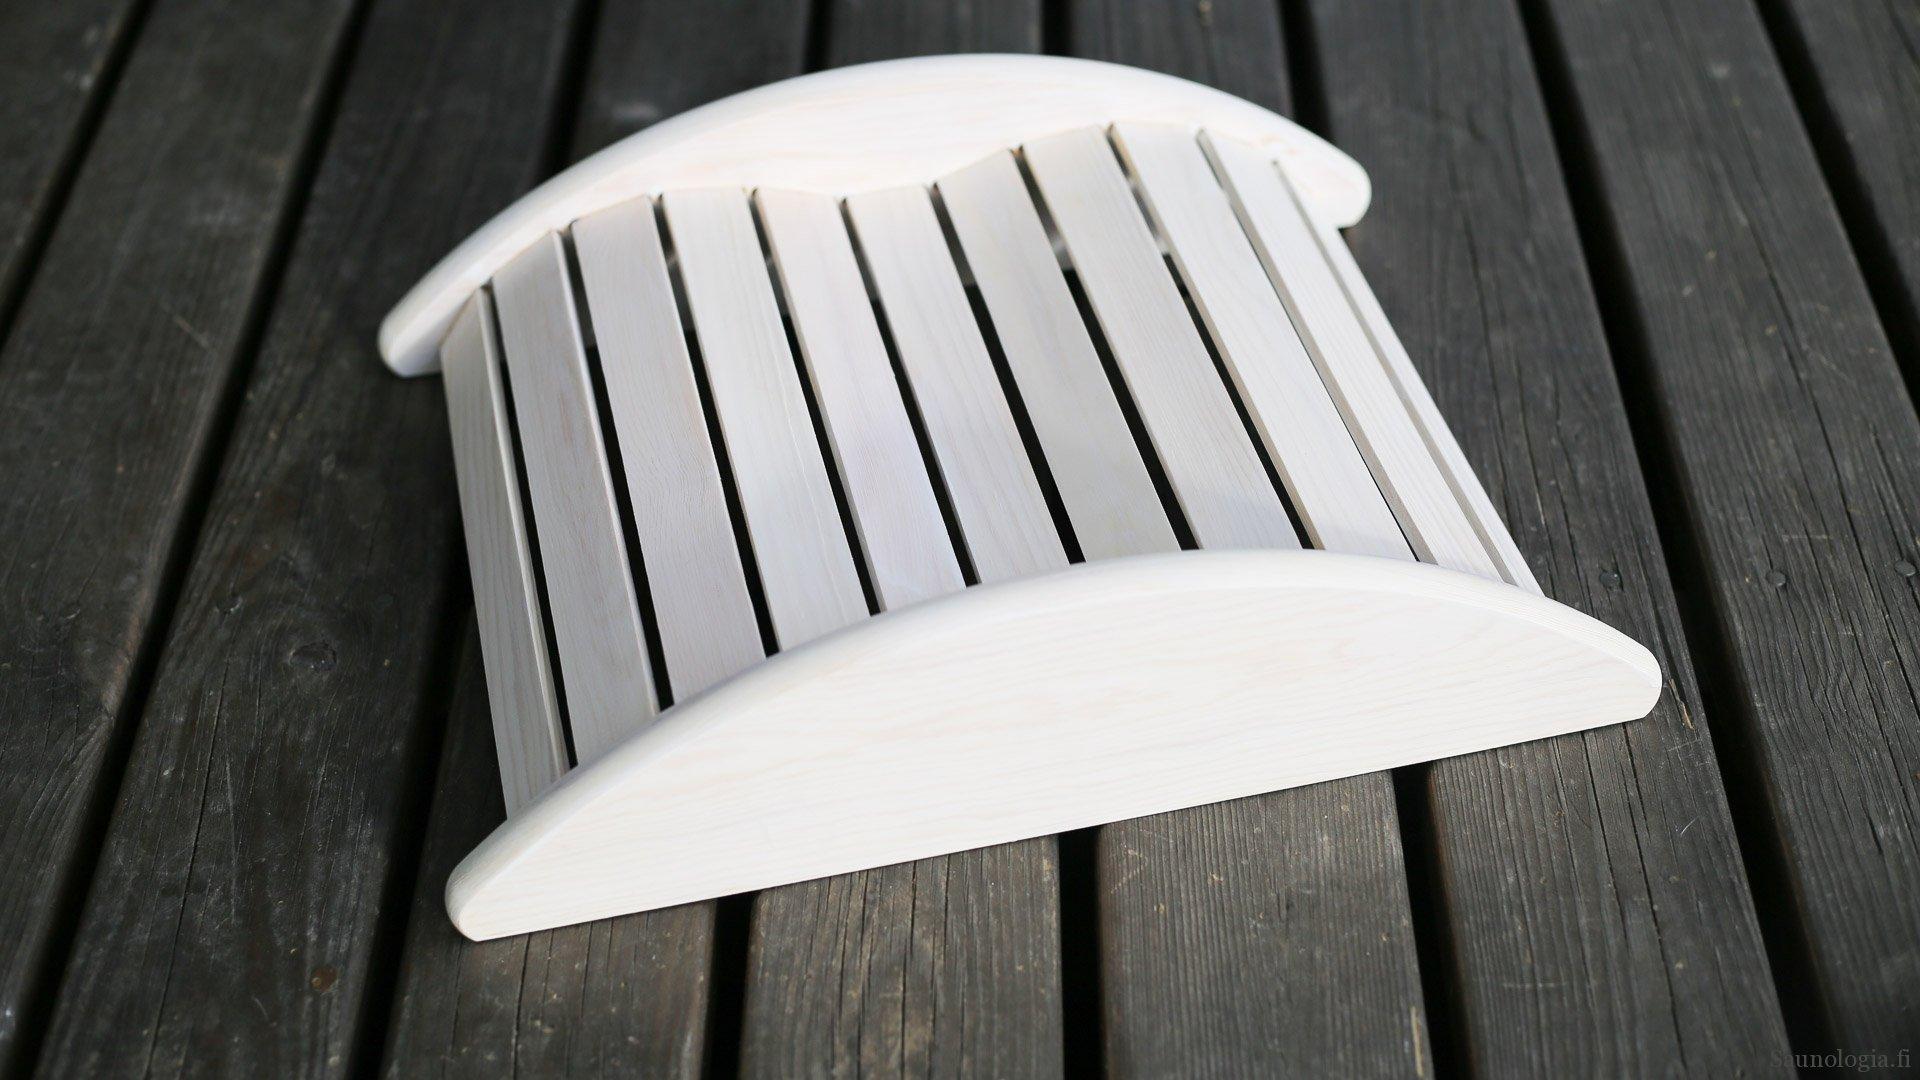 180403-saunatyynyt-pinetta-valkoinen-9851